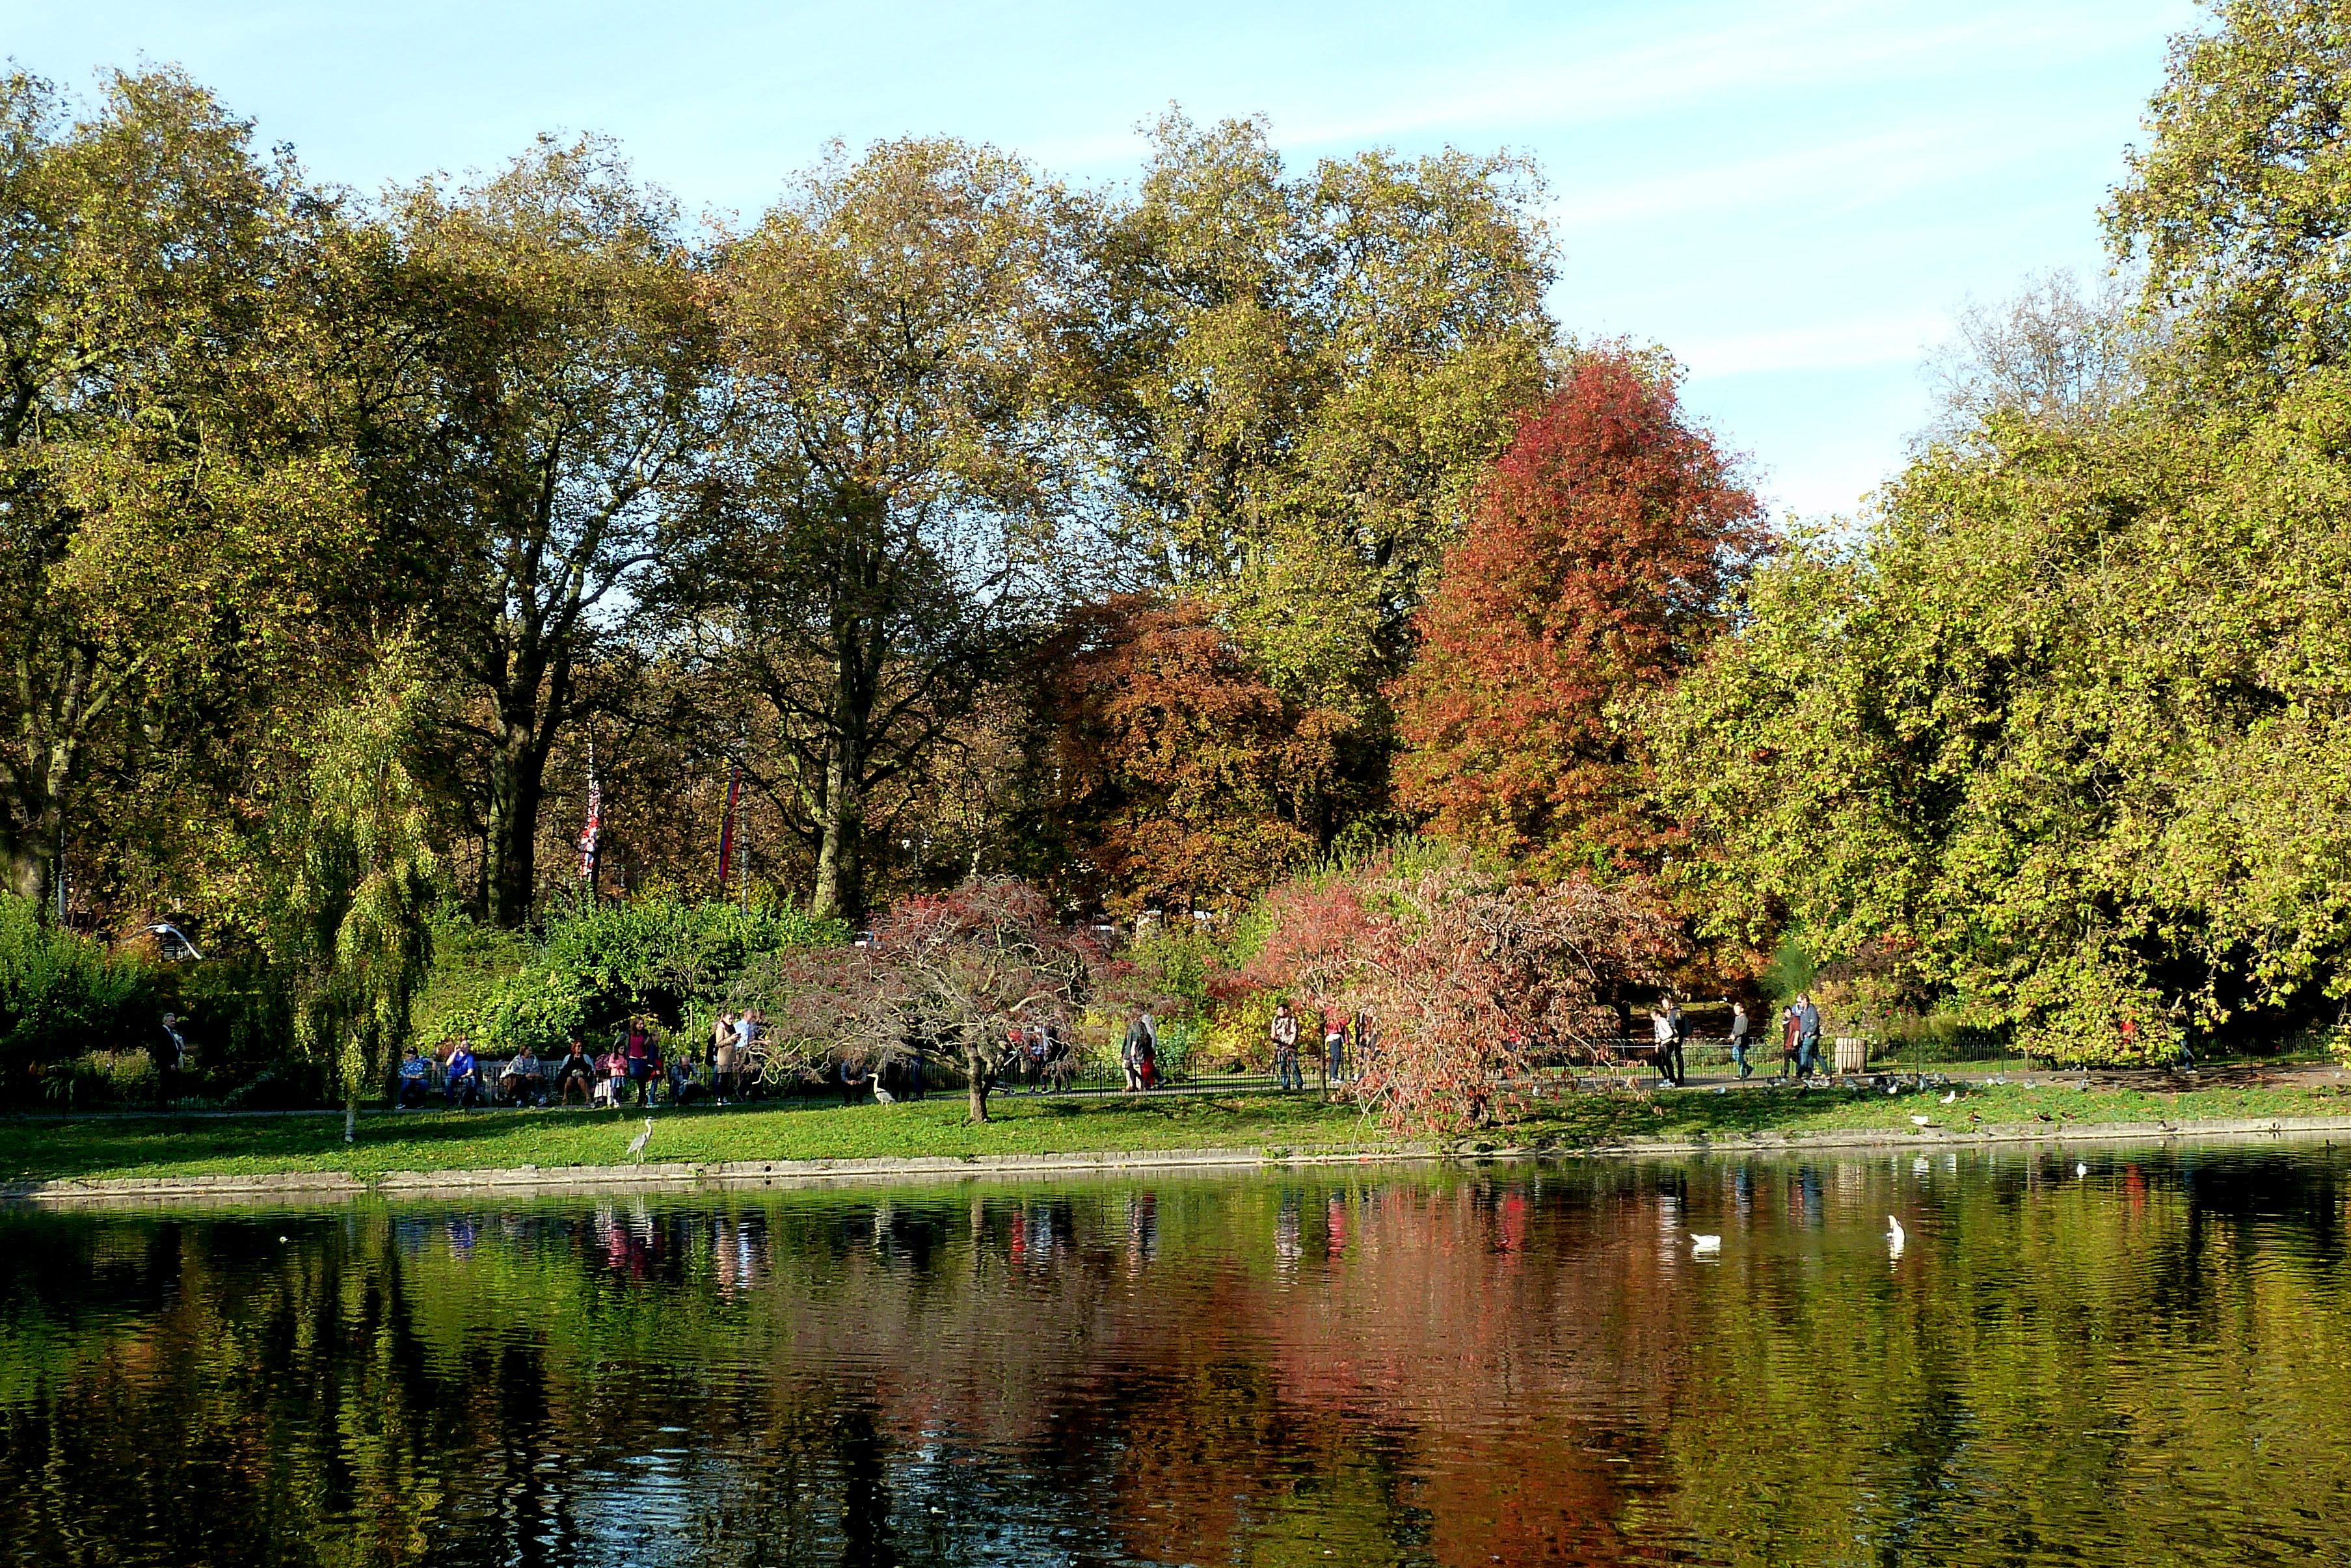 London in Oct